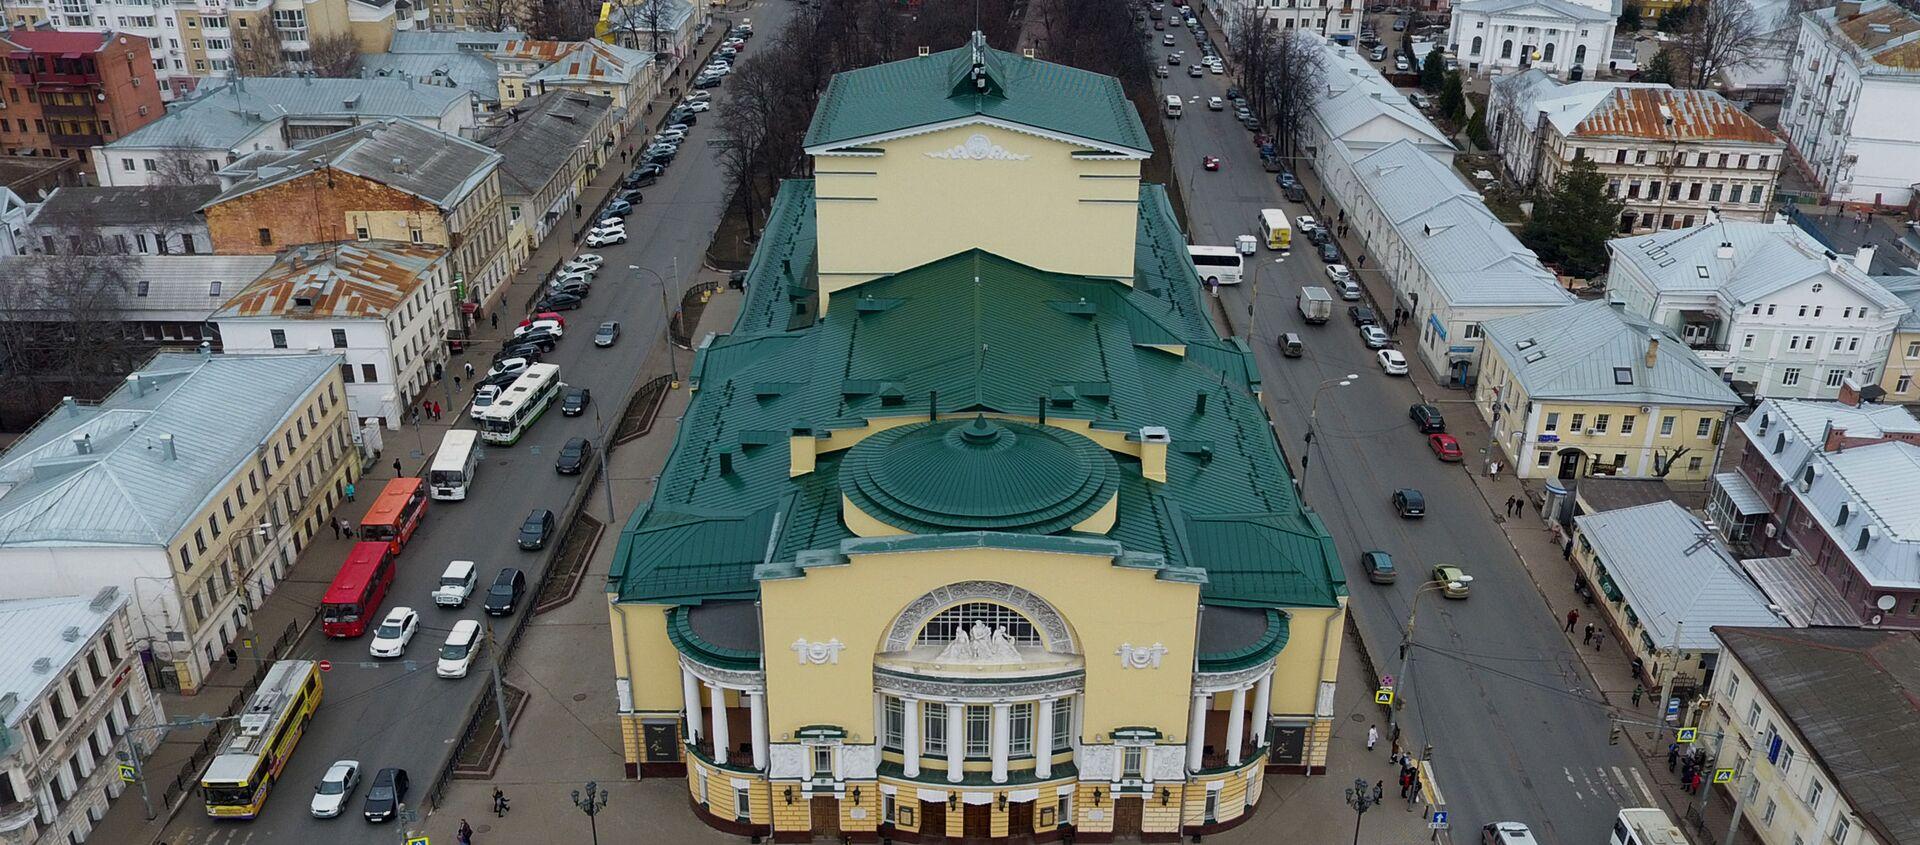 Фотоакция Первый русский! в Ярославле - Sputnik Аҧсны, 1920, 02.09.2021